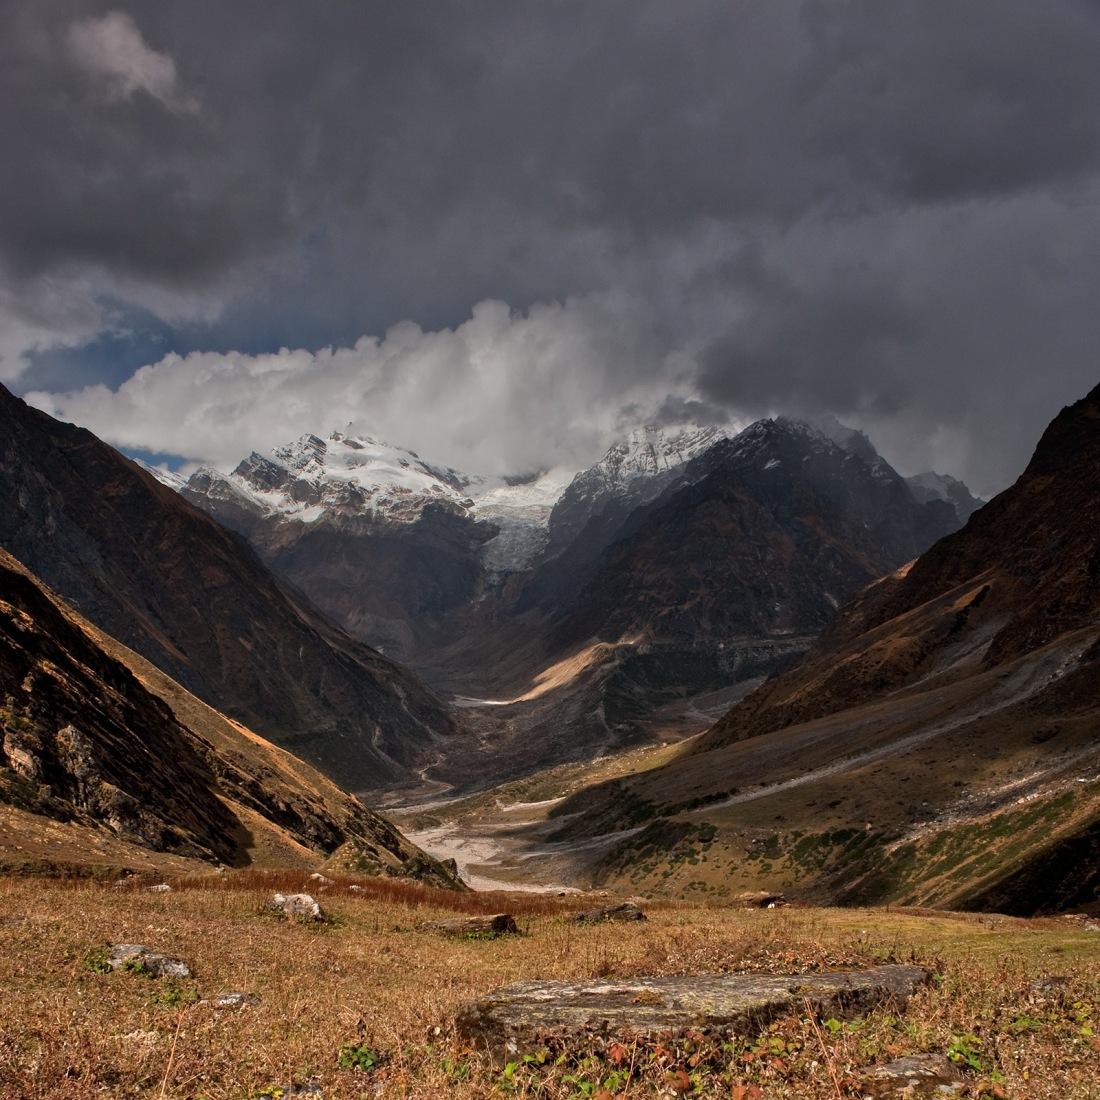 Chauki, Uttarakhand, India